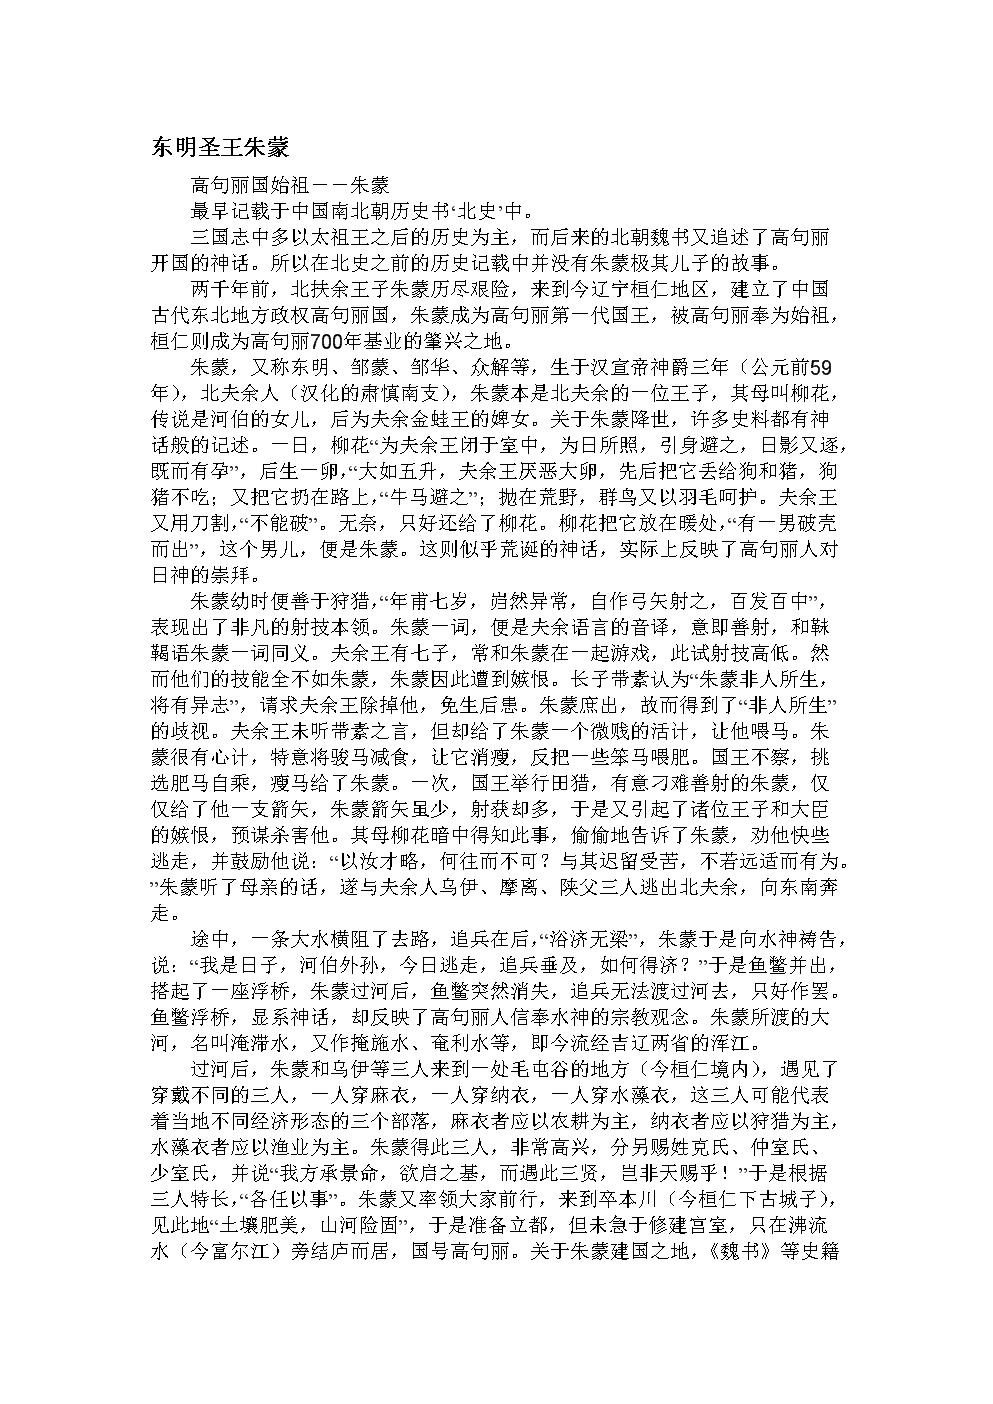 高句丽历代王.doc